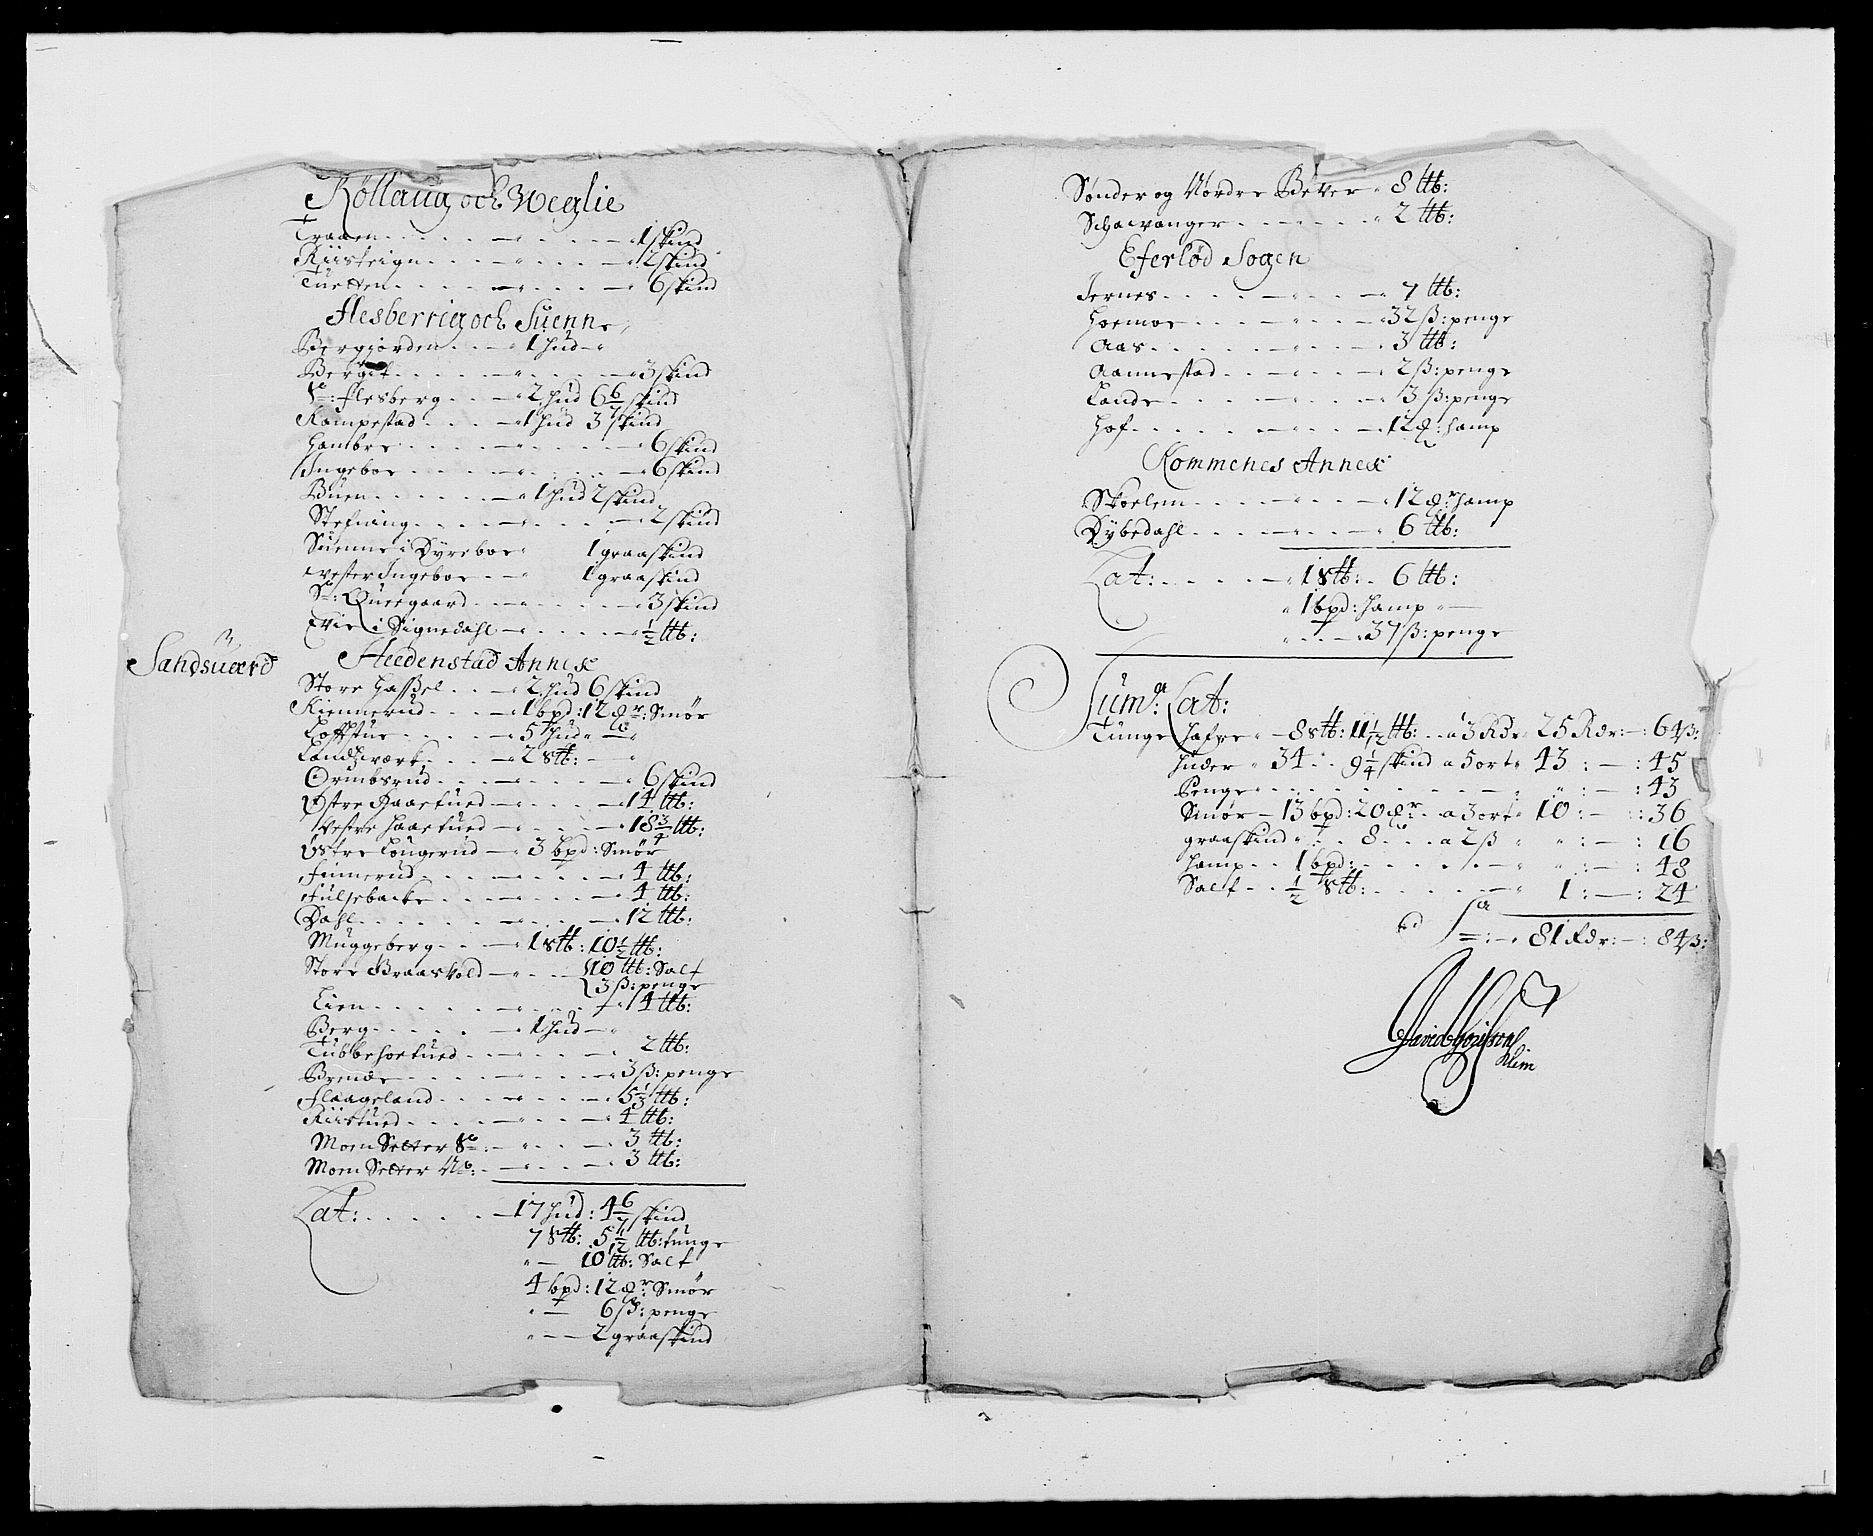 RA, Rentekammeret inntil 1814, Reviderte regnskaper, Fogderegnskap, R24/L1573: Fogderegnskap Numedal og Sandsvær, 1687-1691, s. 268